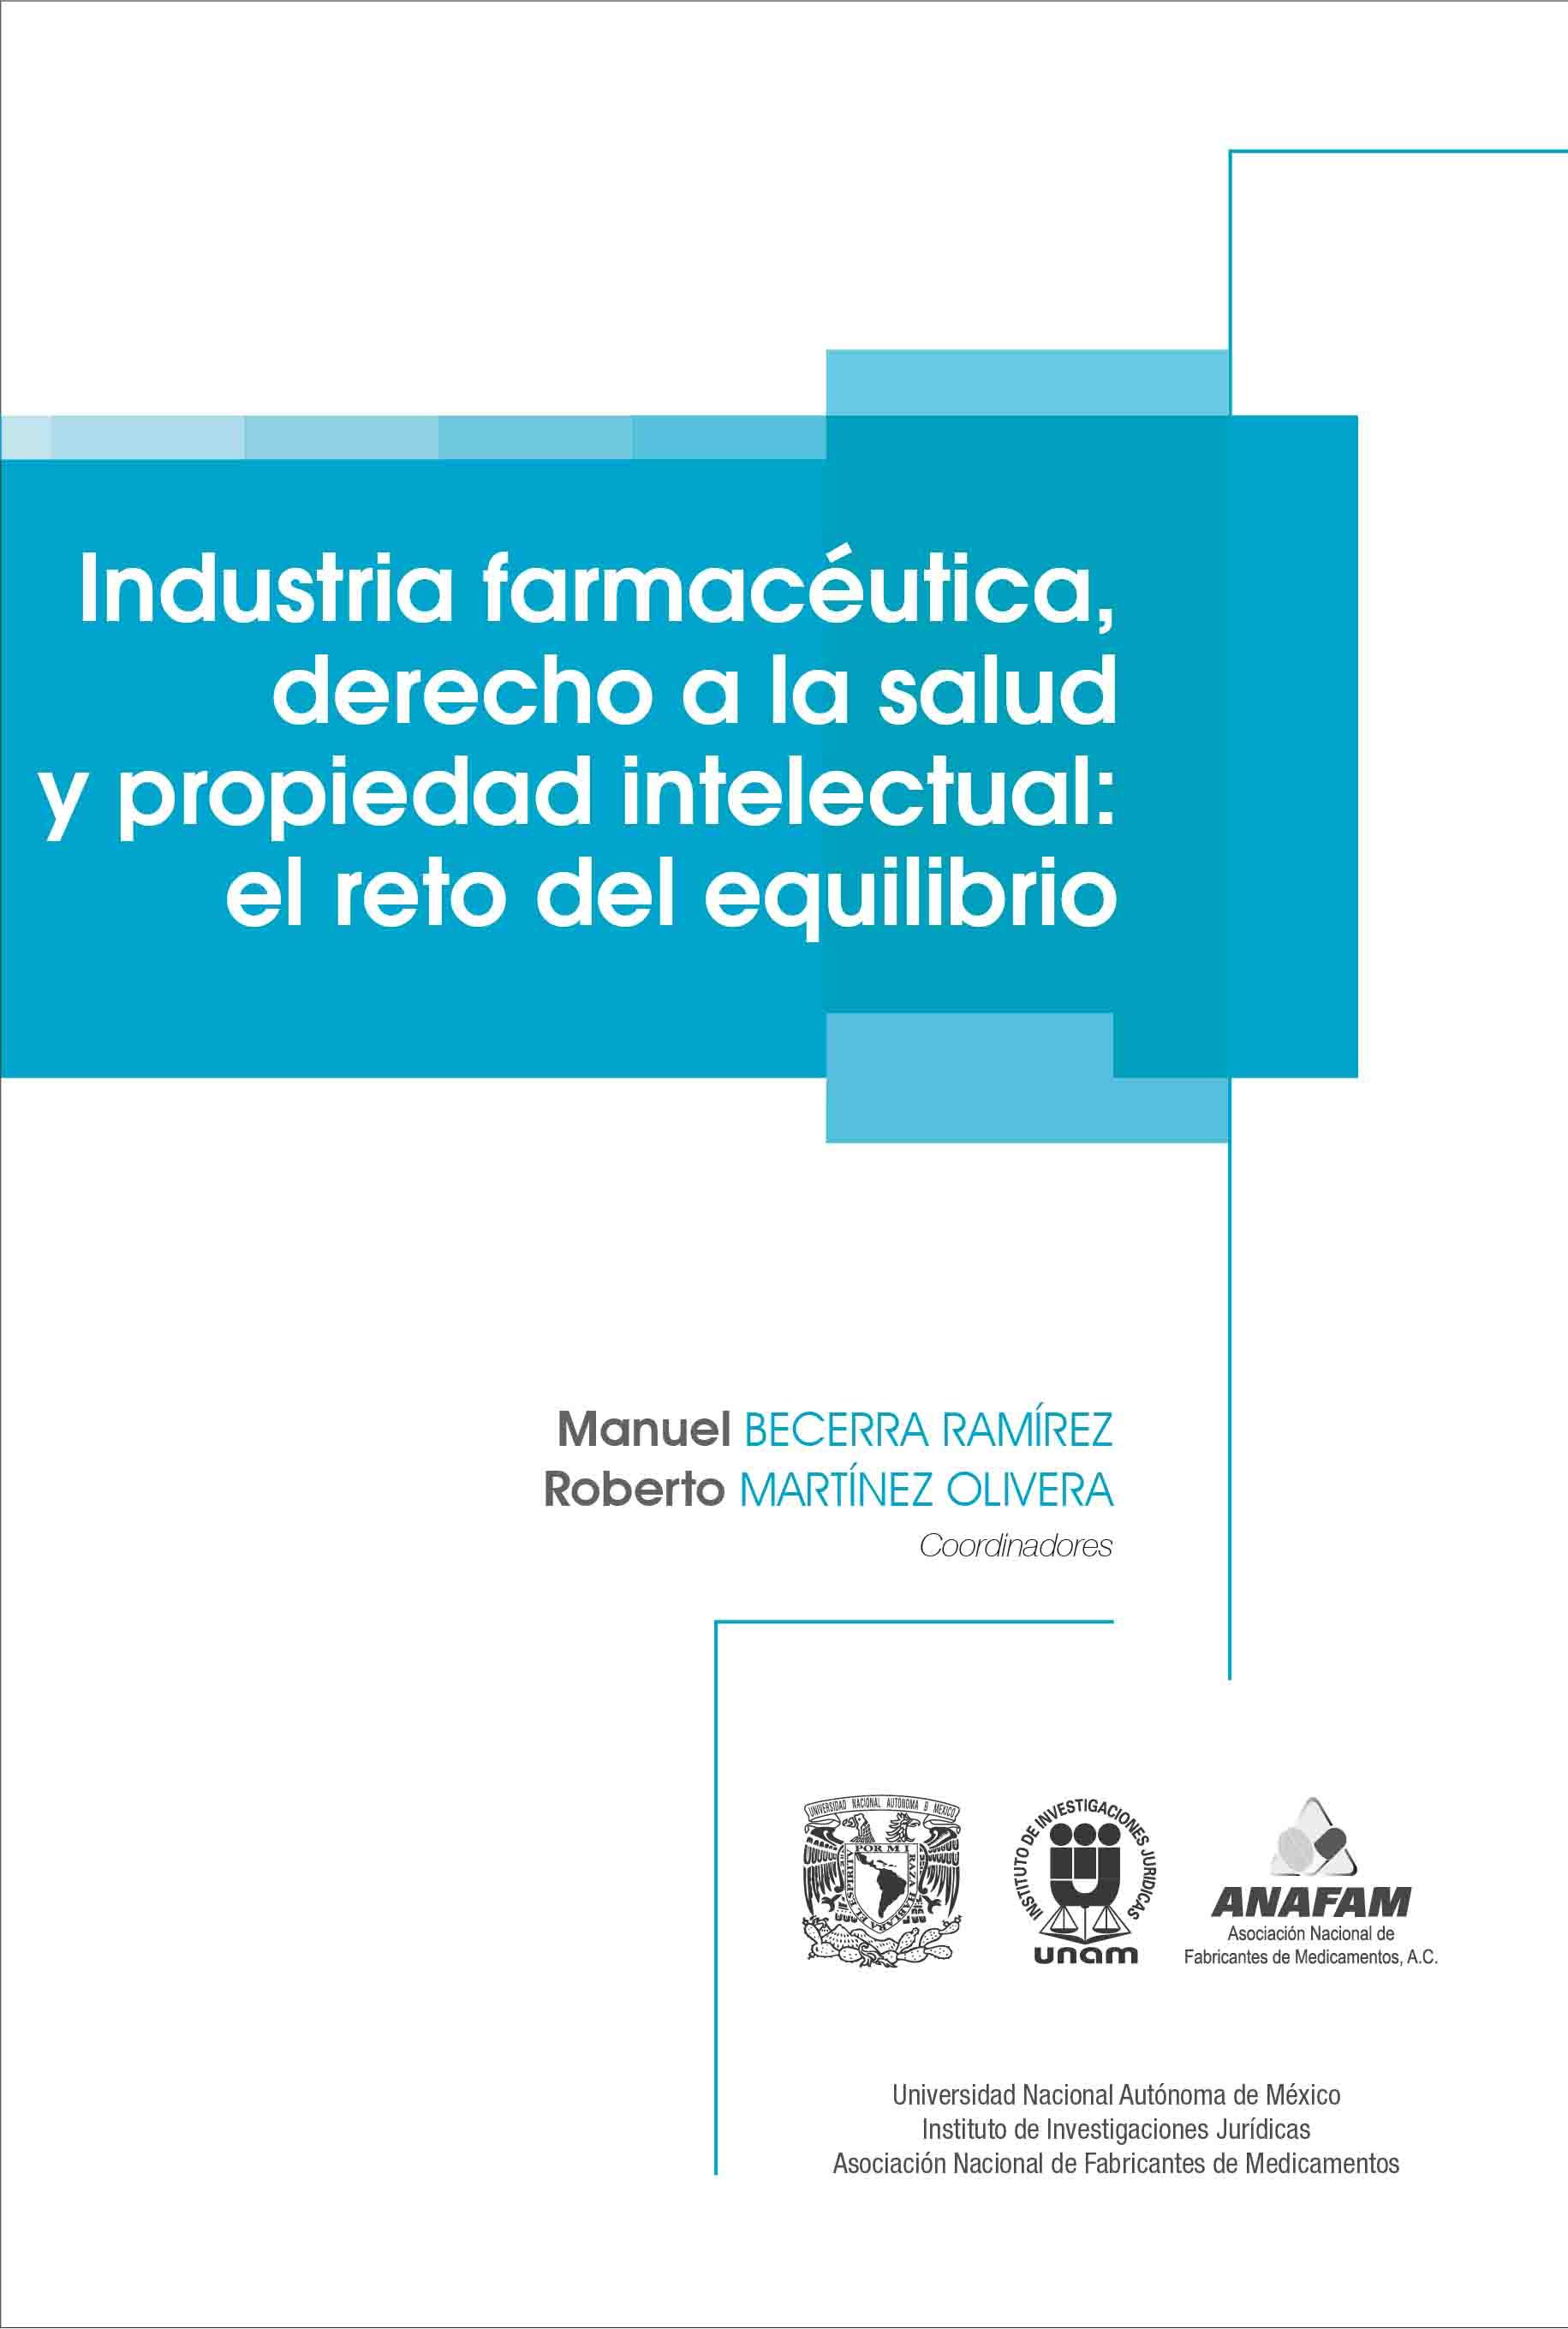 Industria farmacéutica, derecho a la salud y propiedad intelectual: el reto del equilibrio